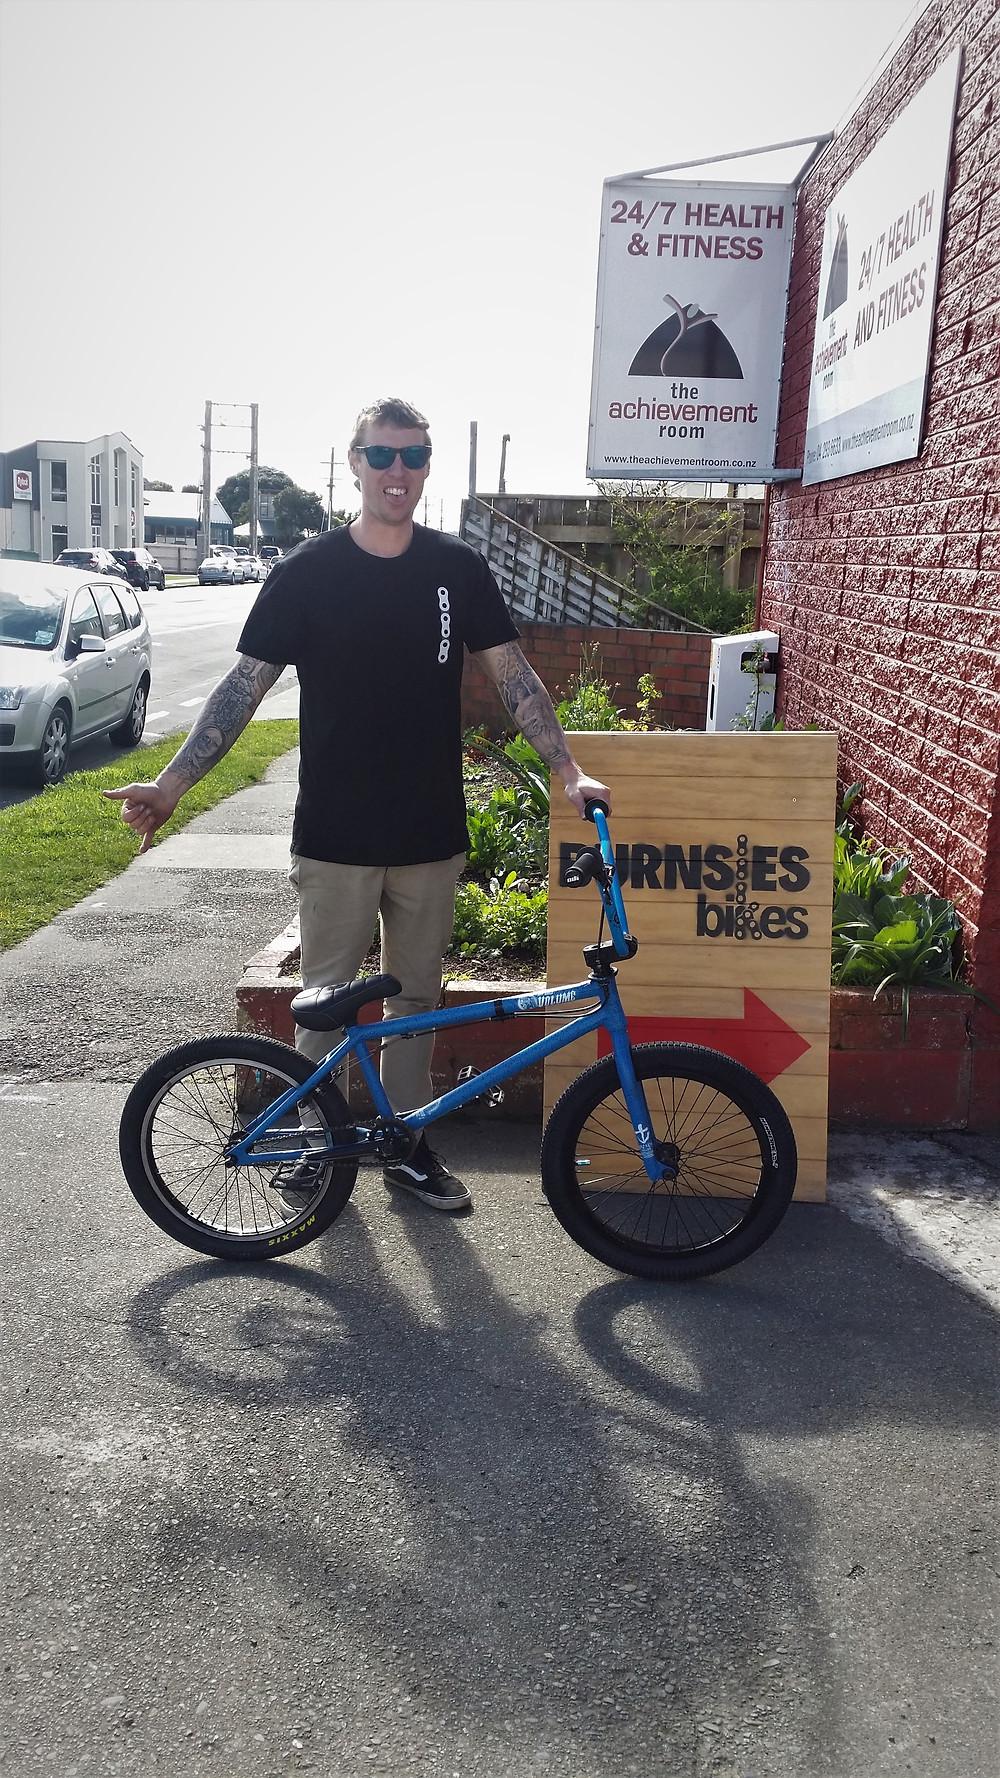 Volume Bikes, Kane O'Hagan